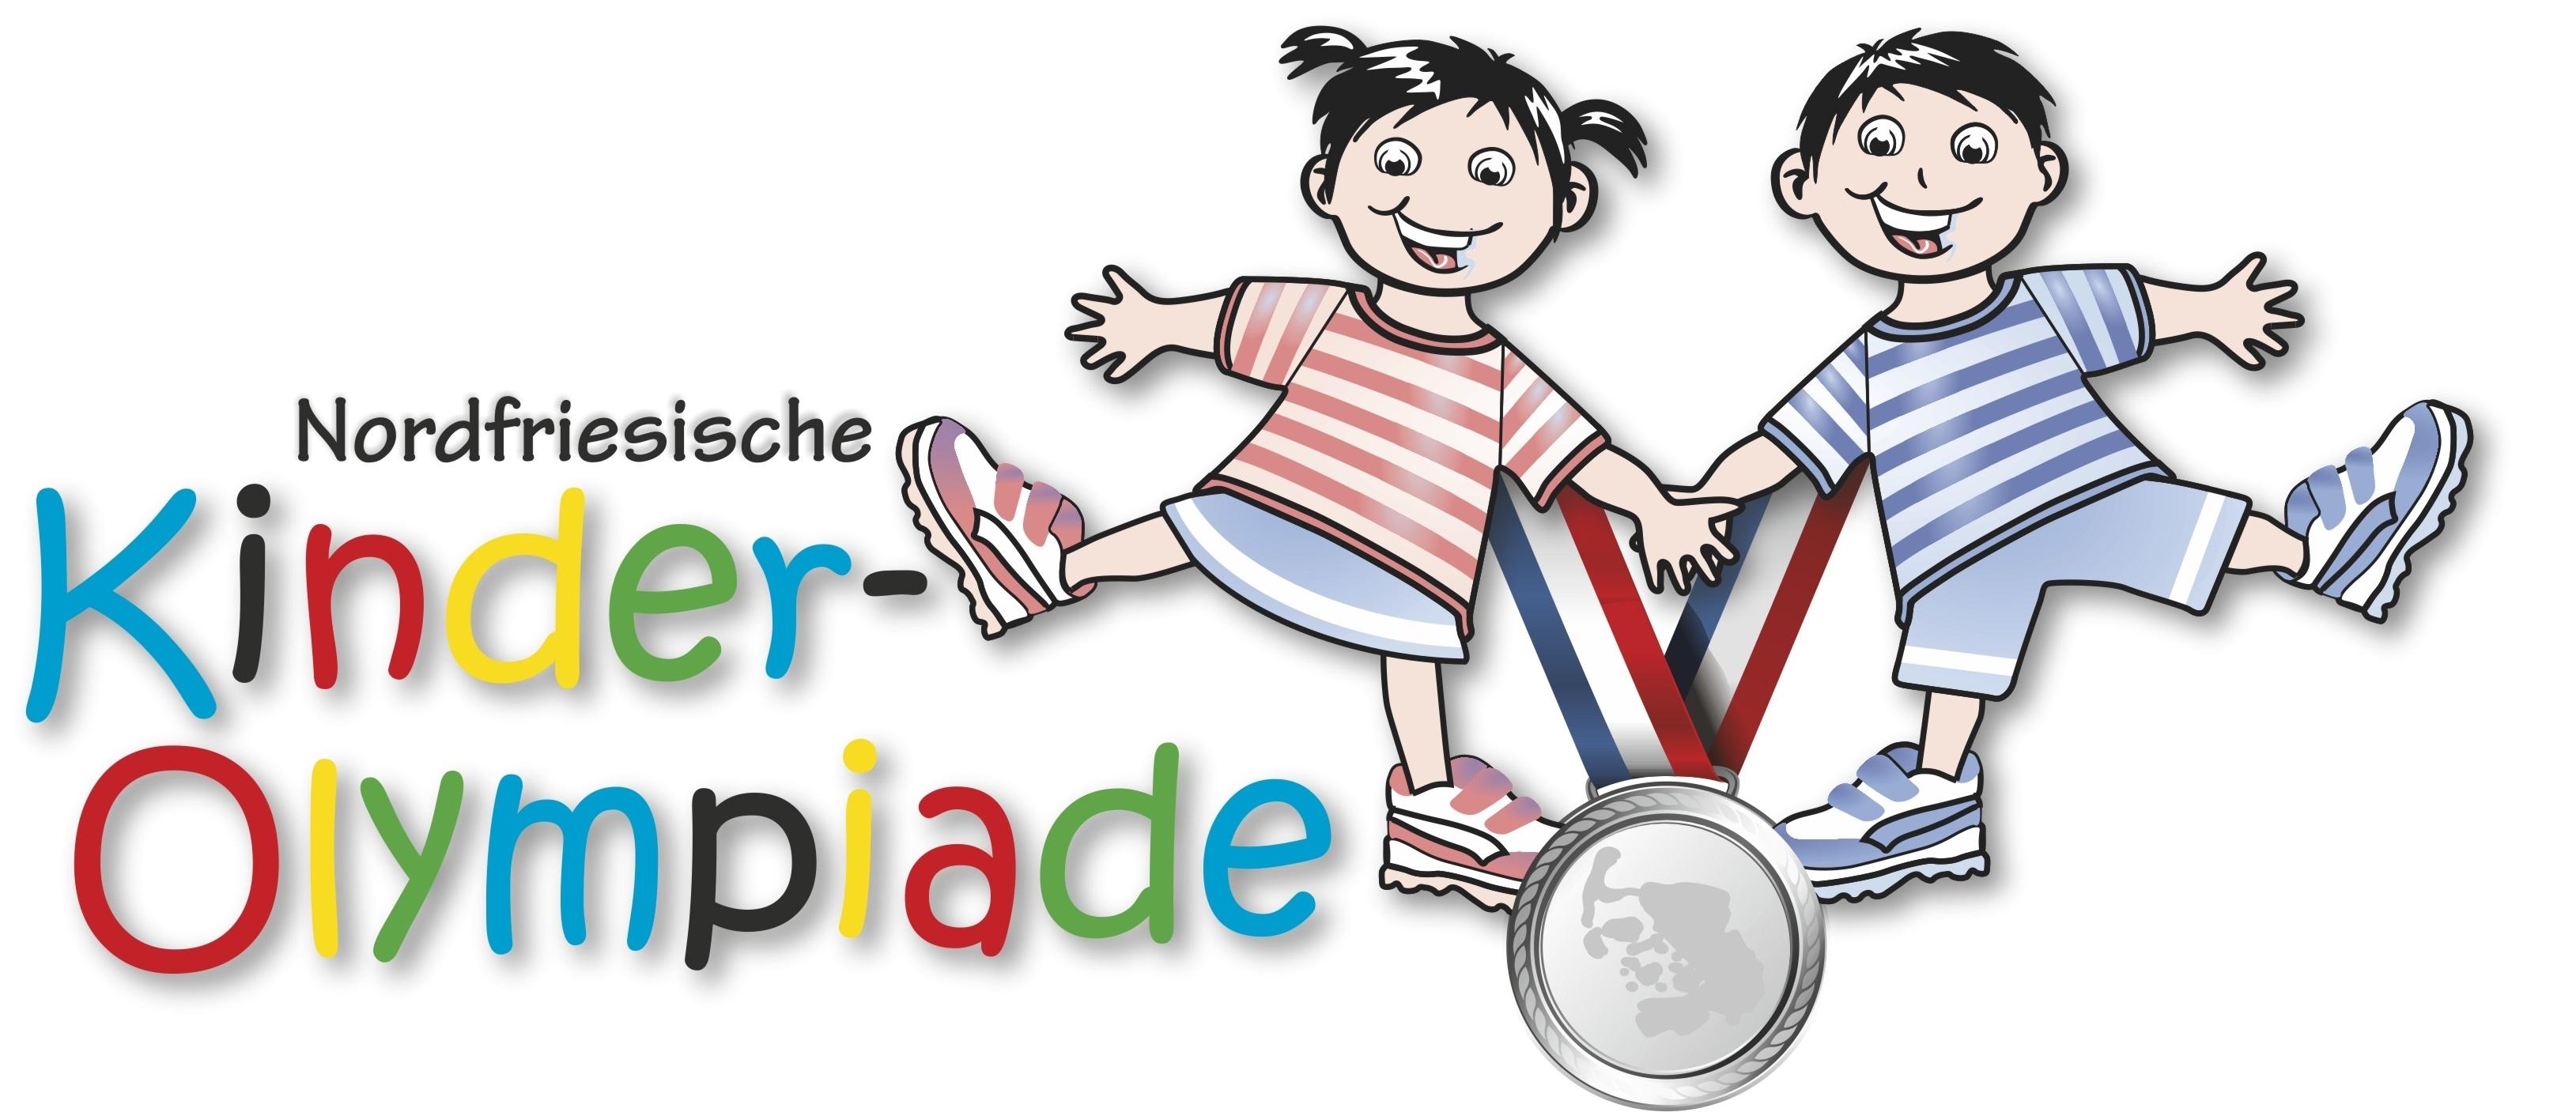 9. Nordfriesische Kinder-Olympiade